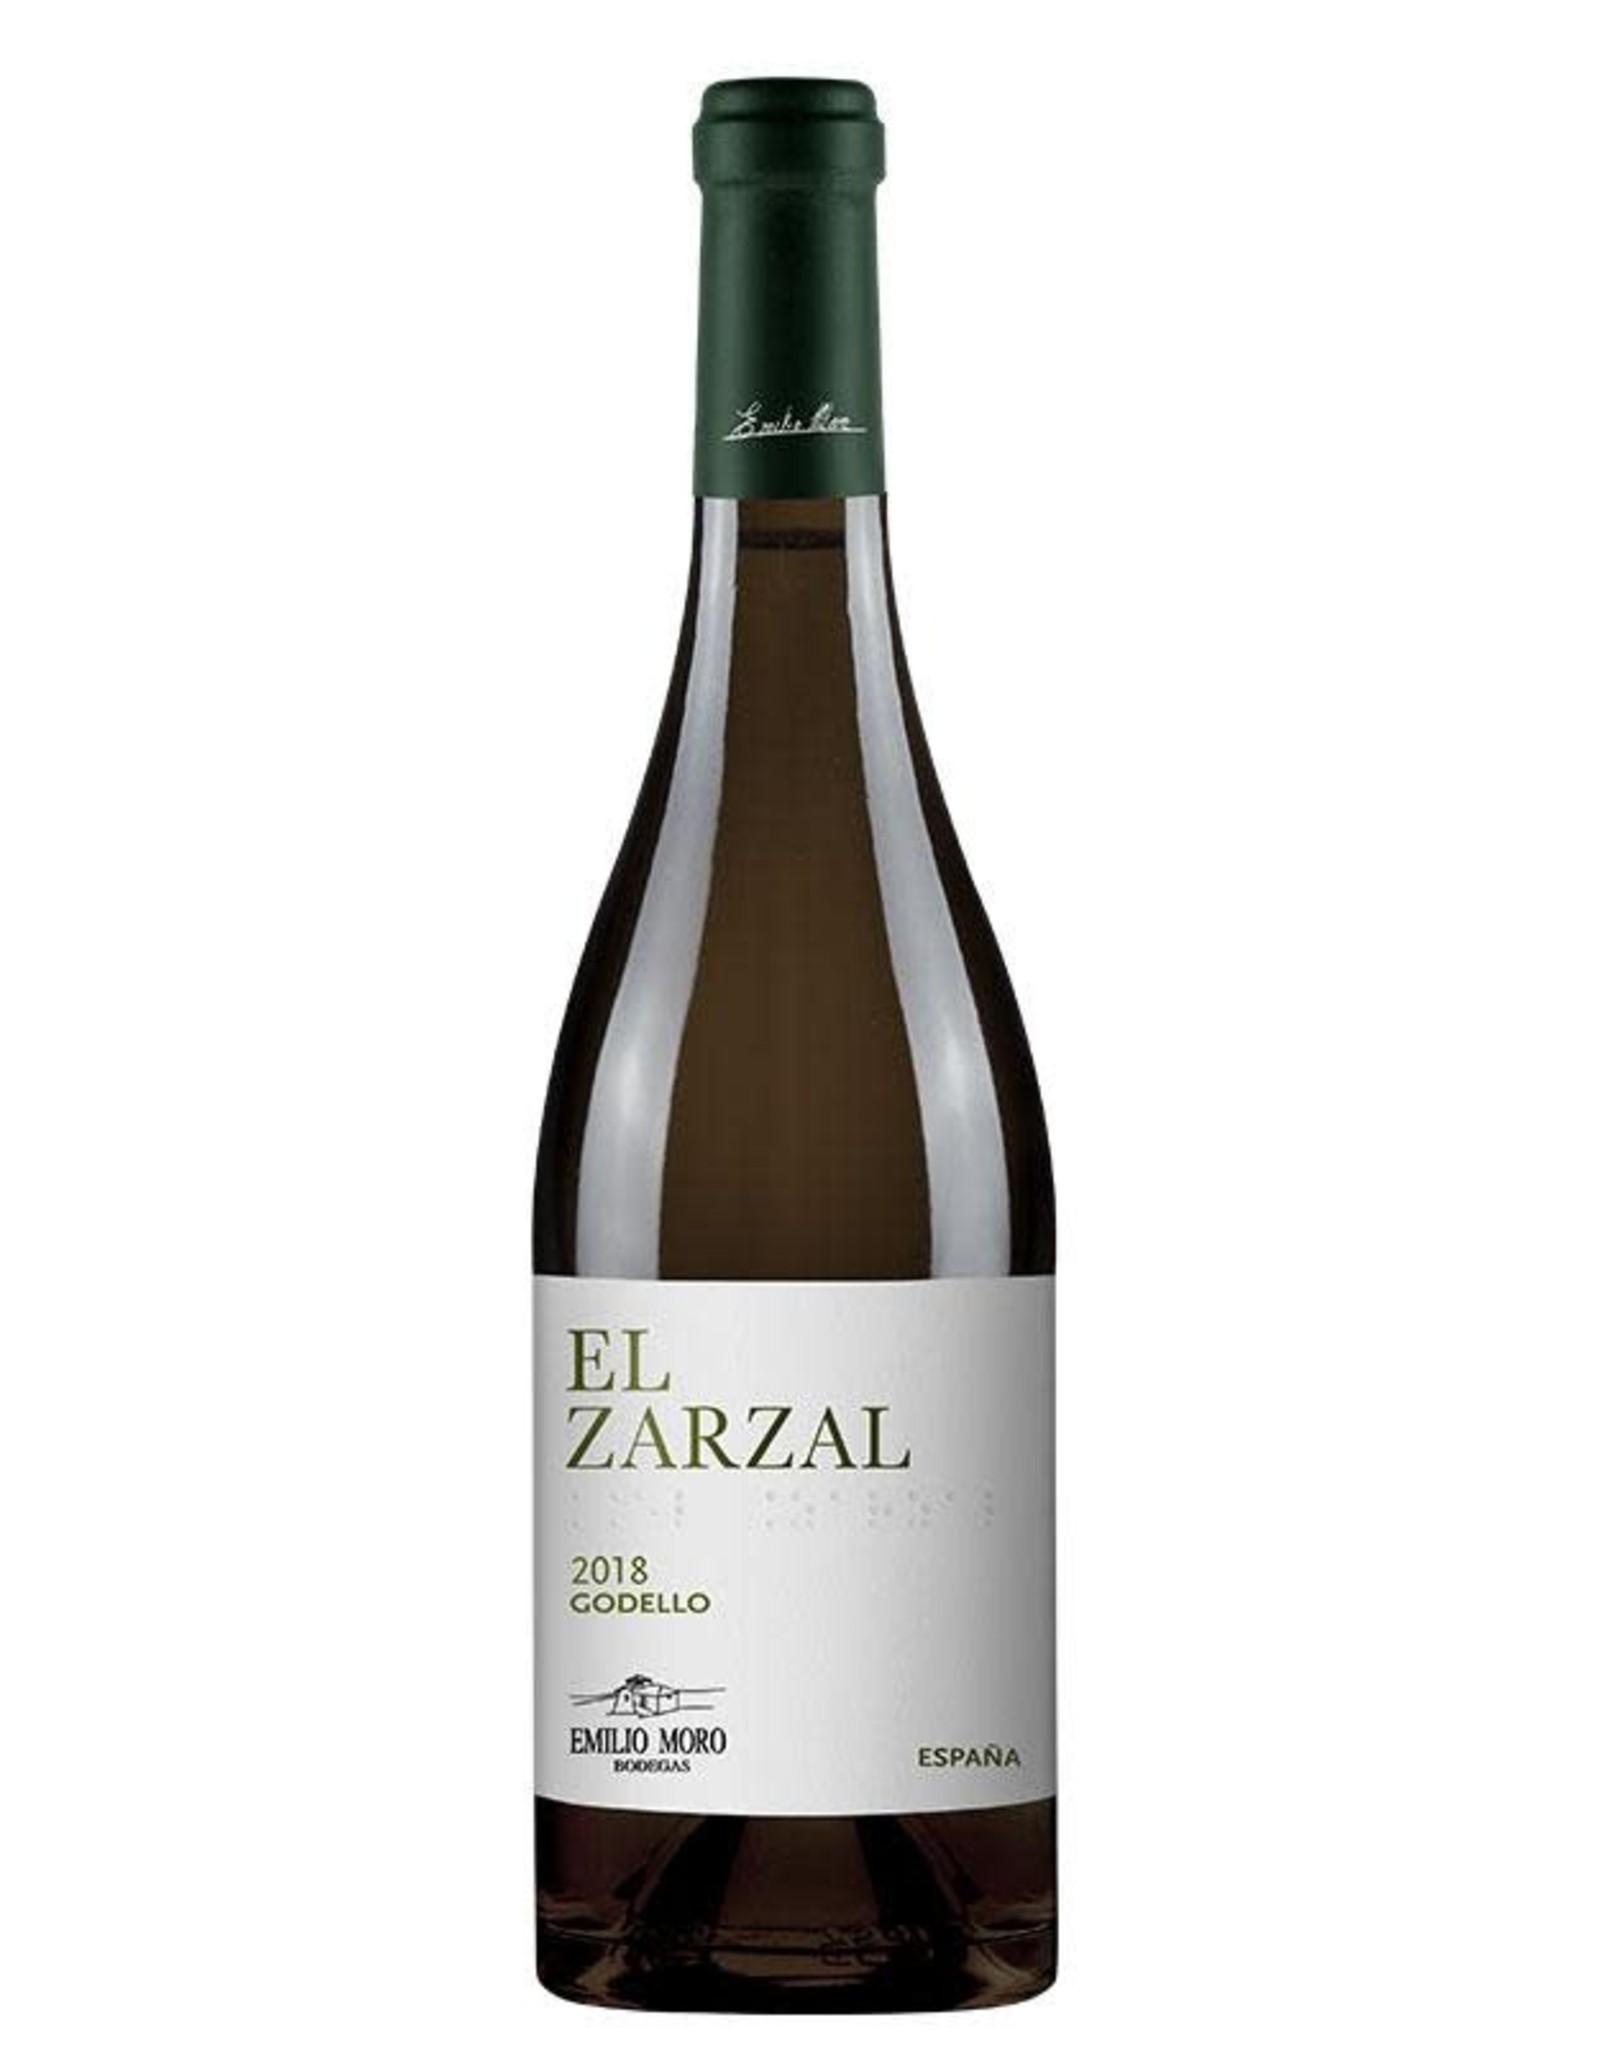 Bodegas Emilio Moro Godello El Zarzal 2018